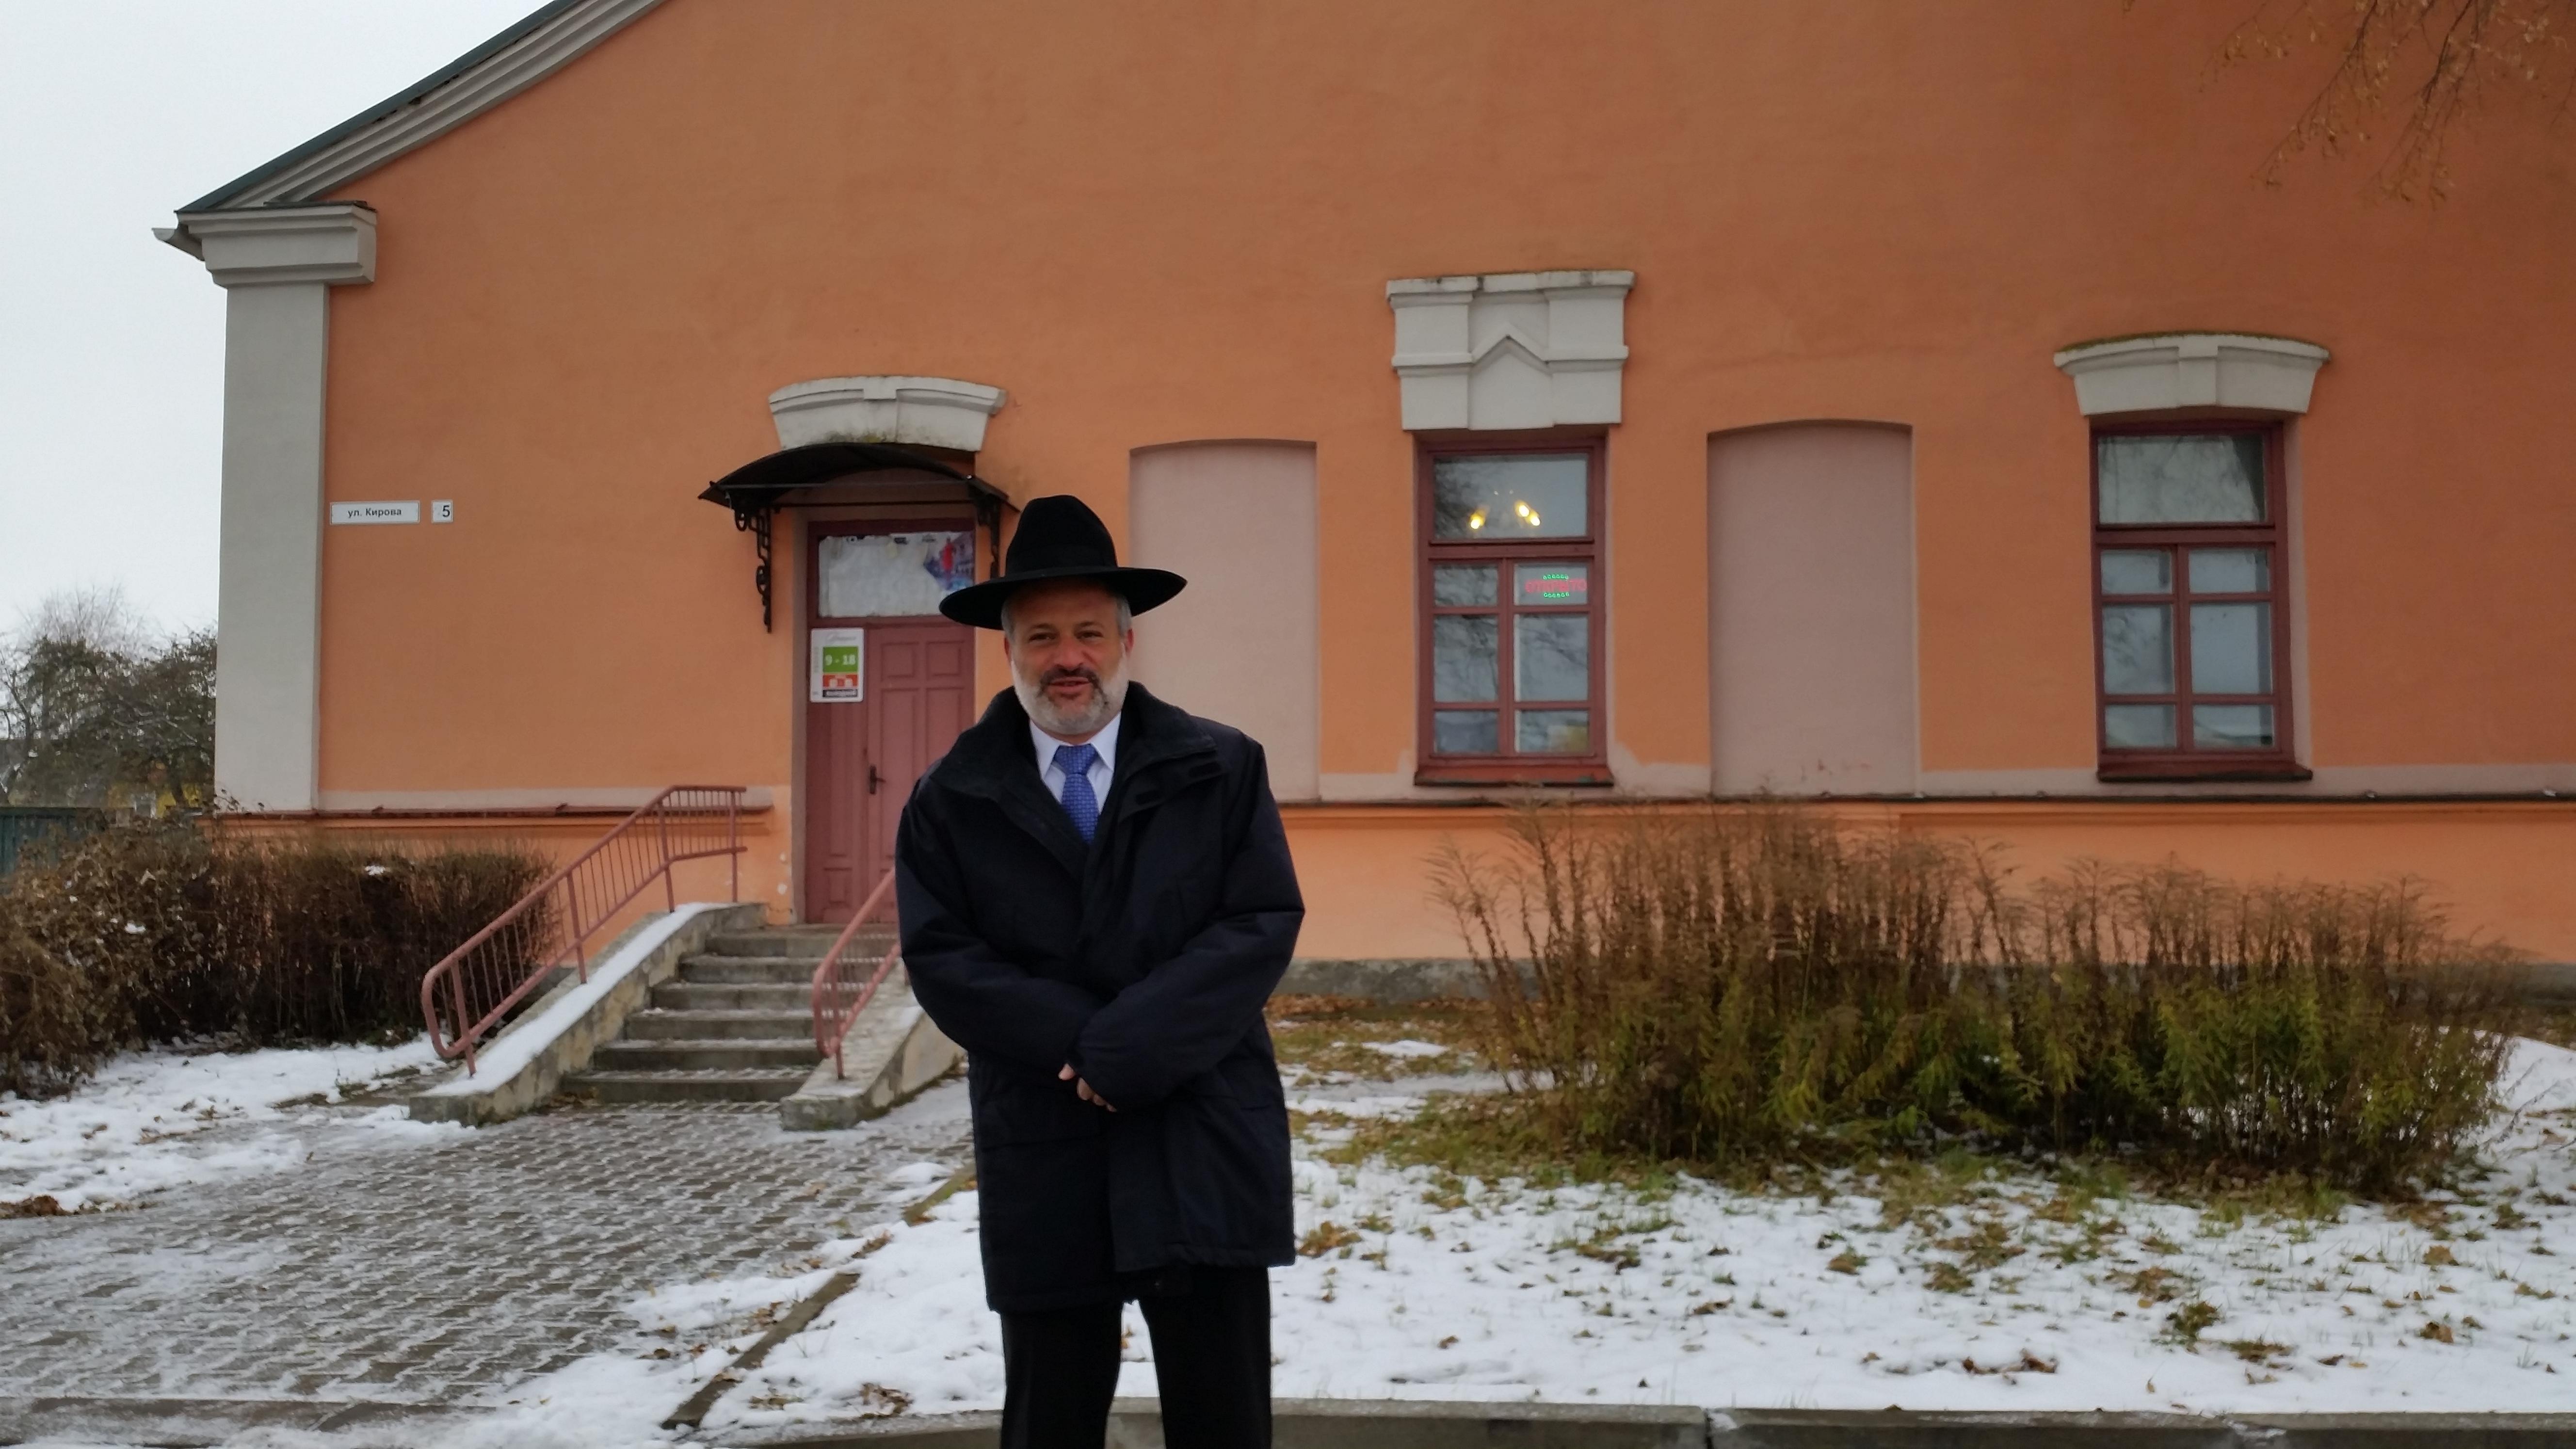 """שליח """"קול חי"""", בצלאל קאהן, על רקע בניין ישיבת מיר"""